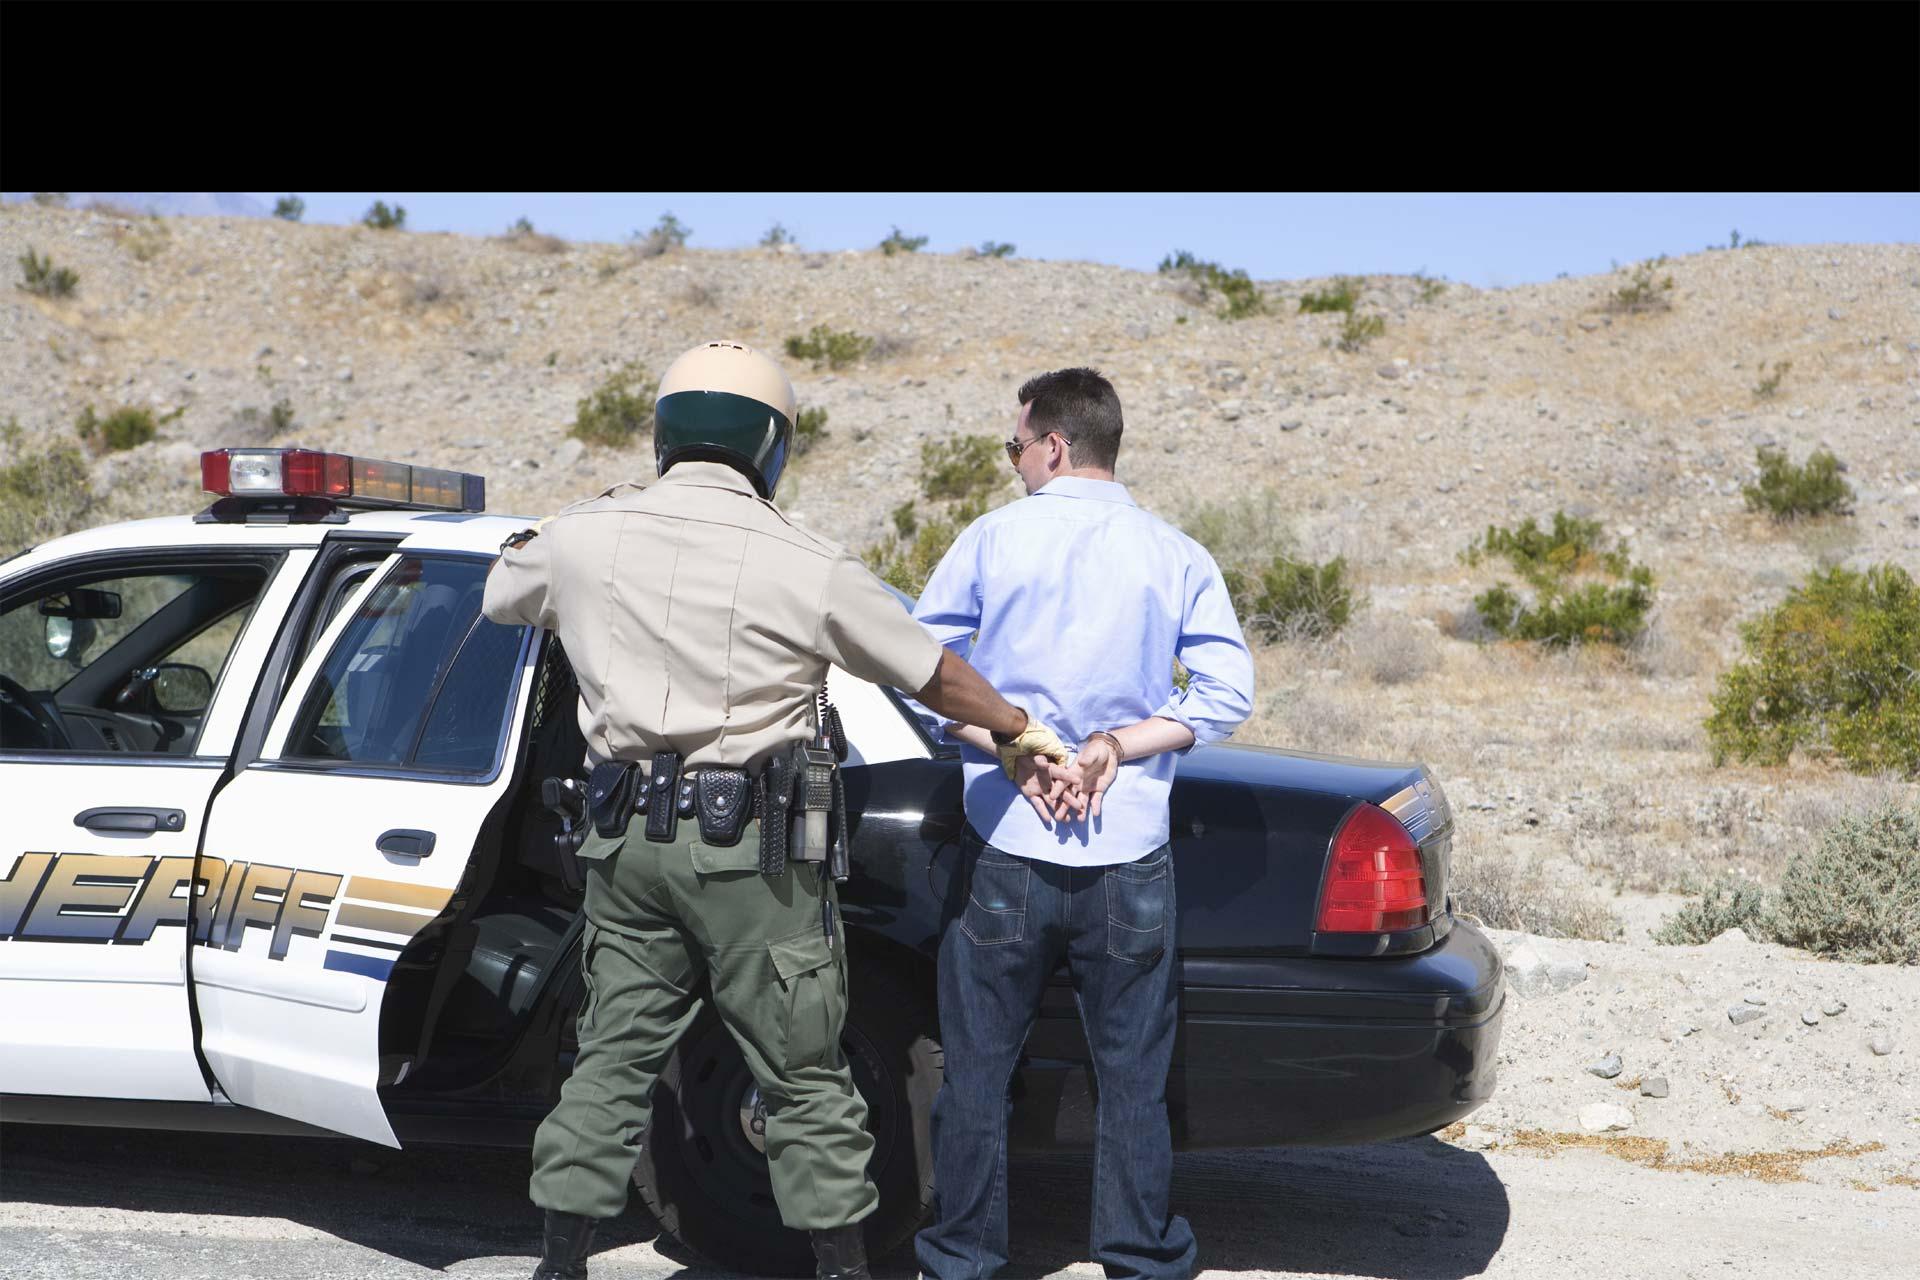 Uno de los fugitivos resultó herido luego de que el carro en que escapaba se volteara